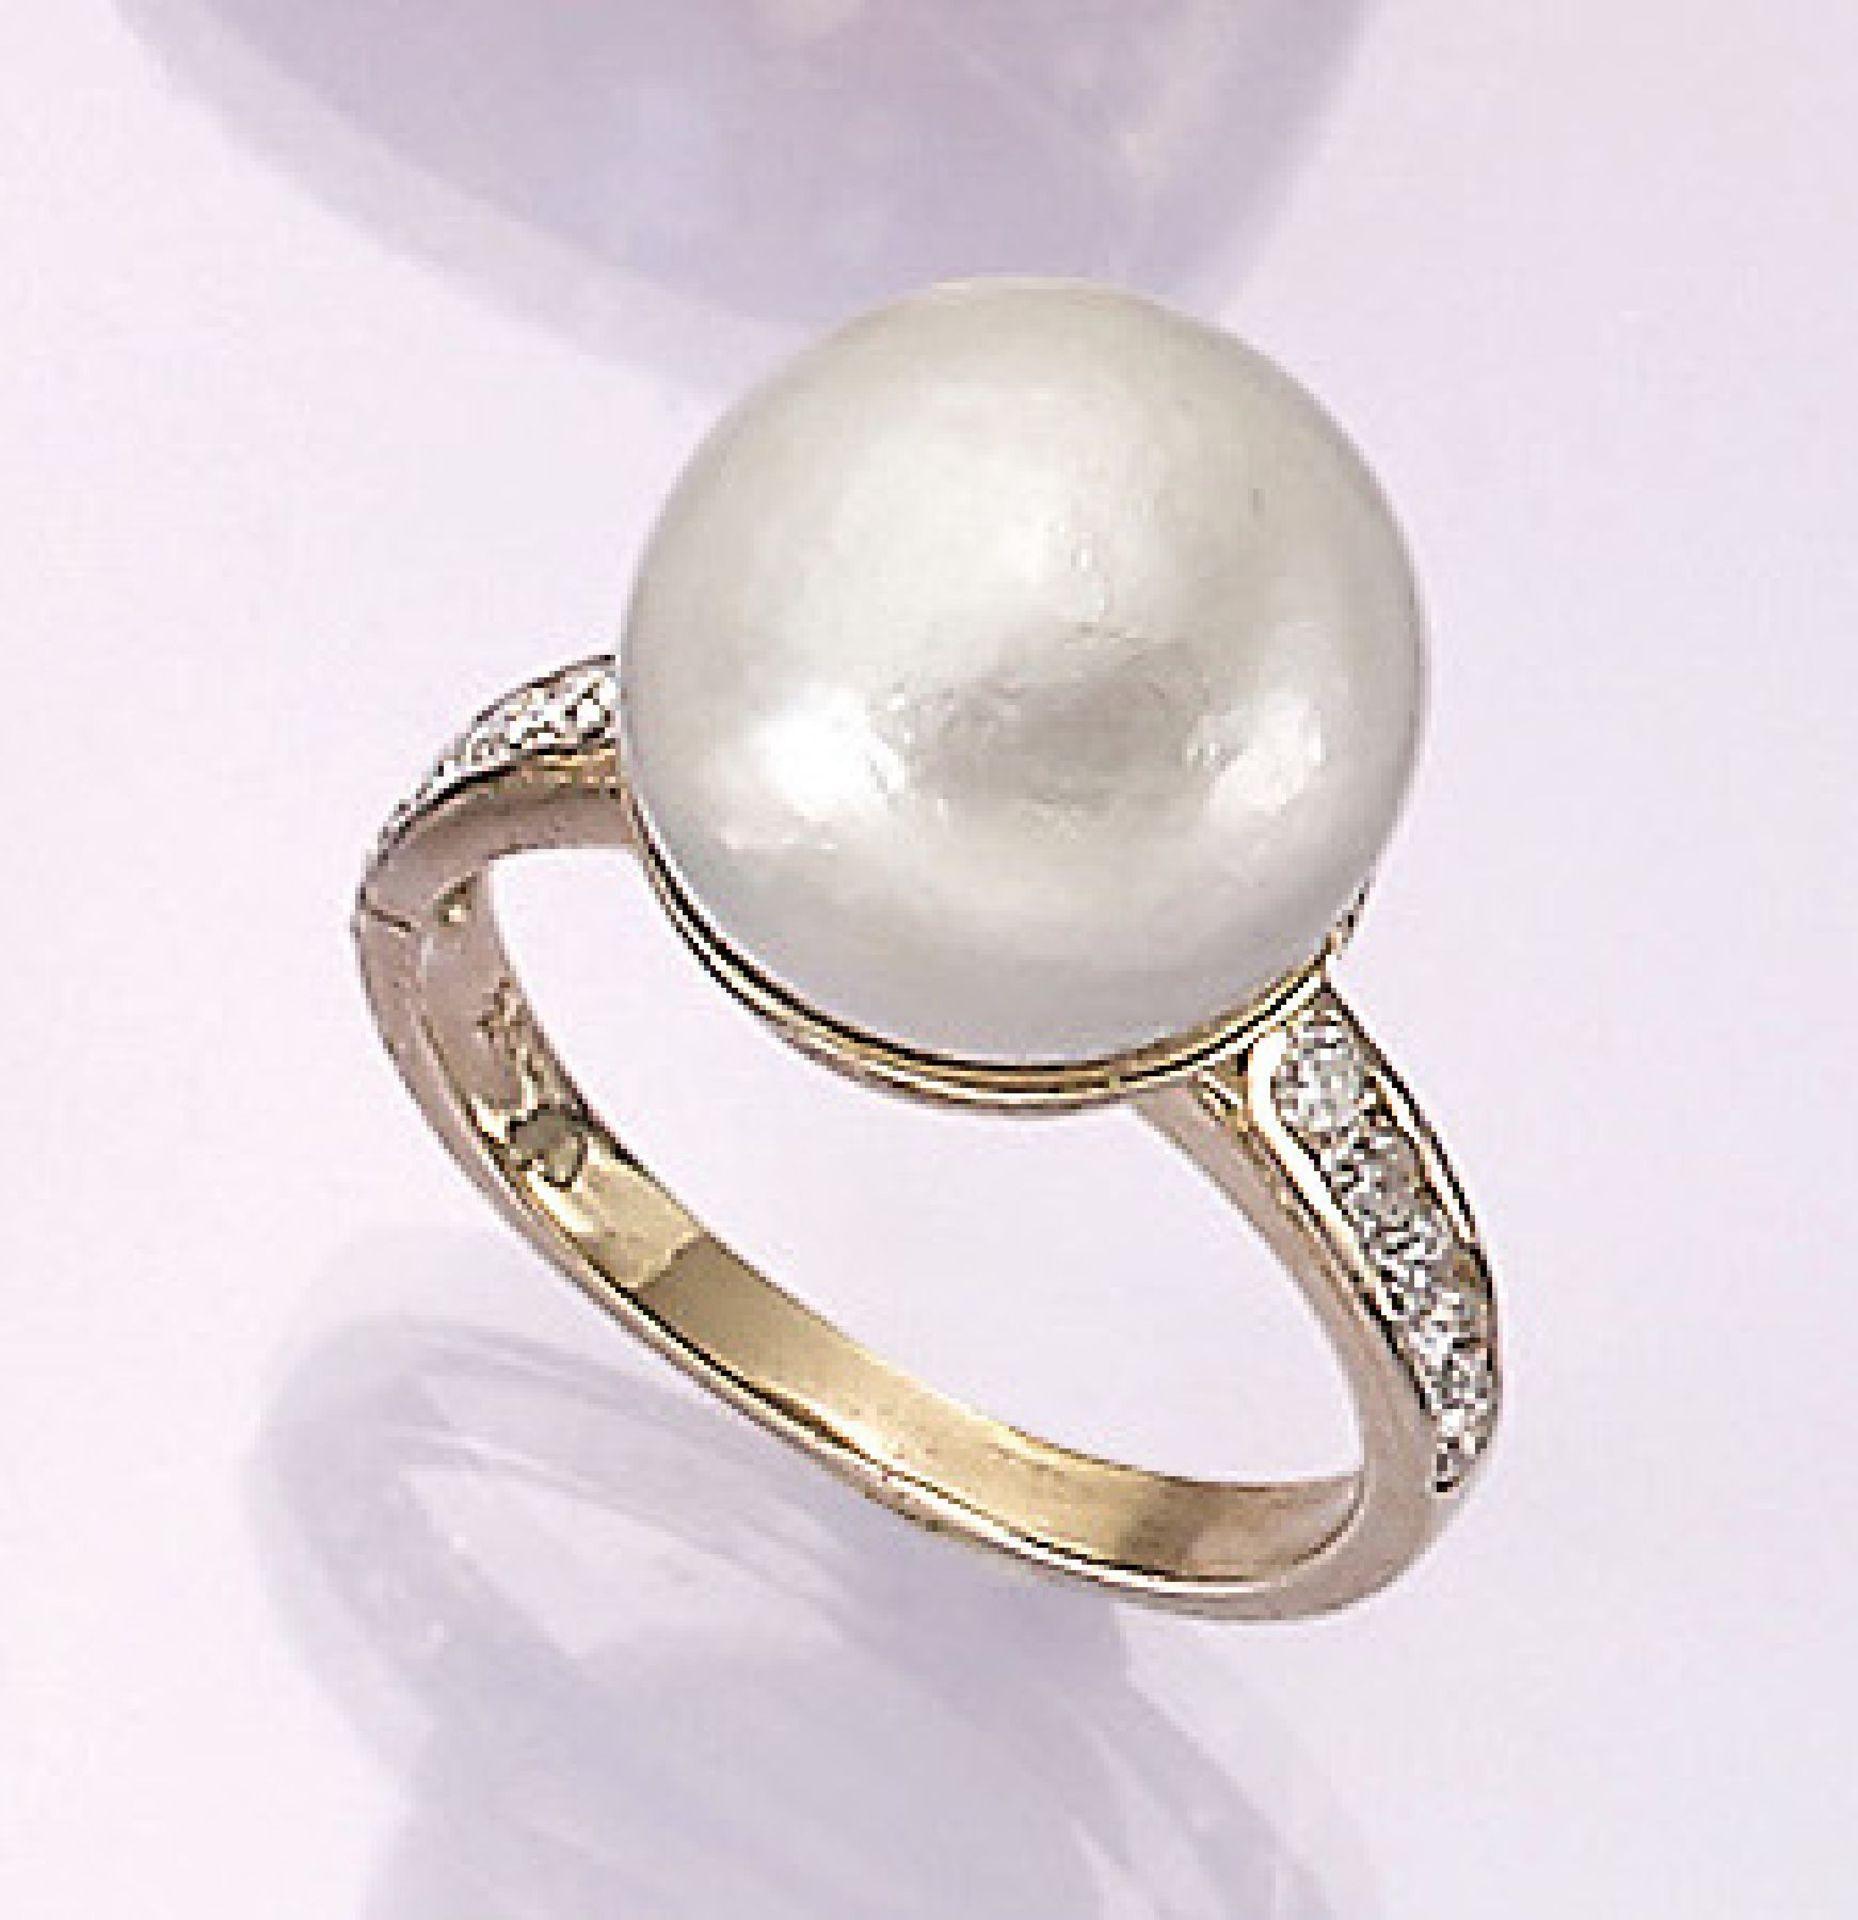 Los 31509 - 14 kt Gold Ring mit Brillanten und Zuchtperle, GG 585/000, weiße Zuchtperle, D. ca. 1.3 cm,